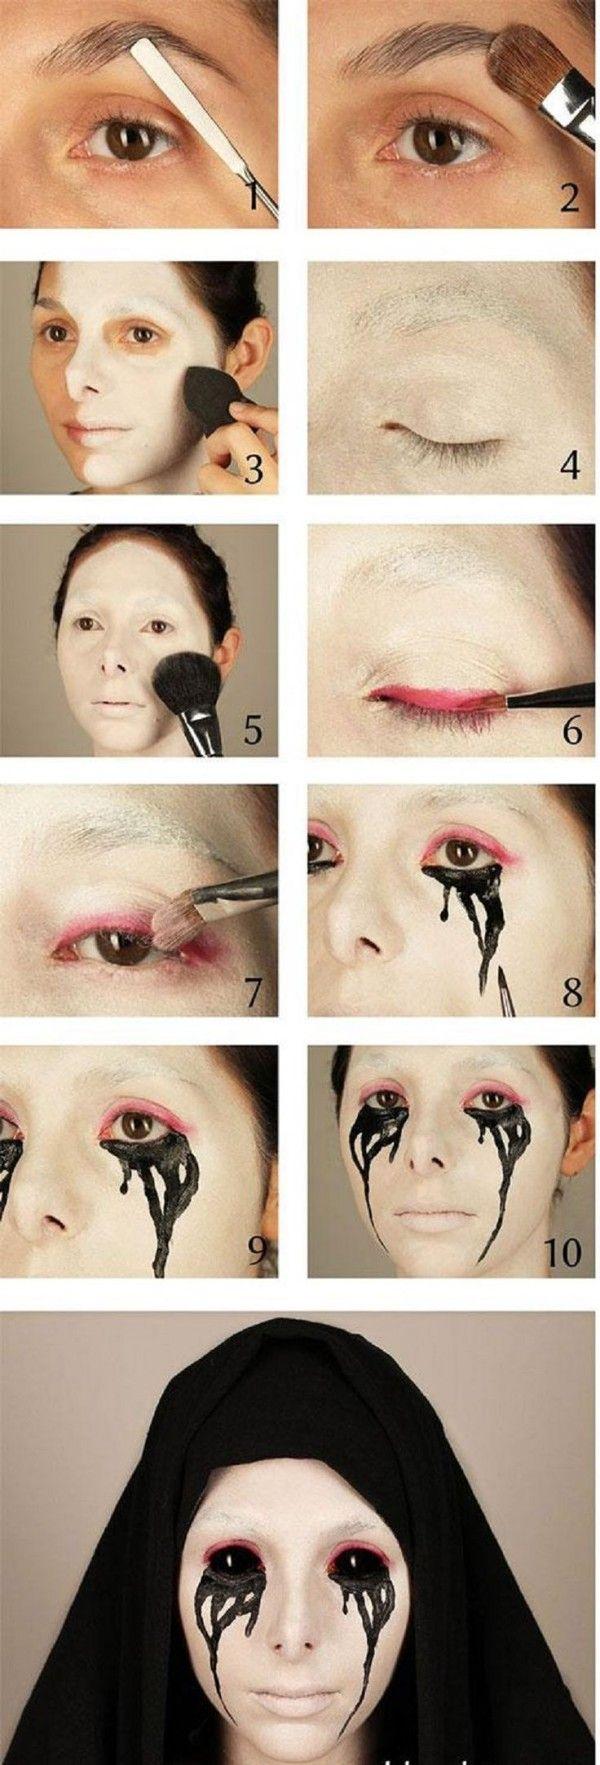 14 Aterradores maquillajes que debes probar este Halloween